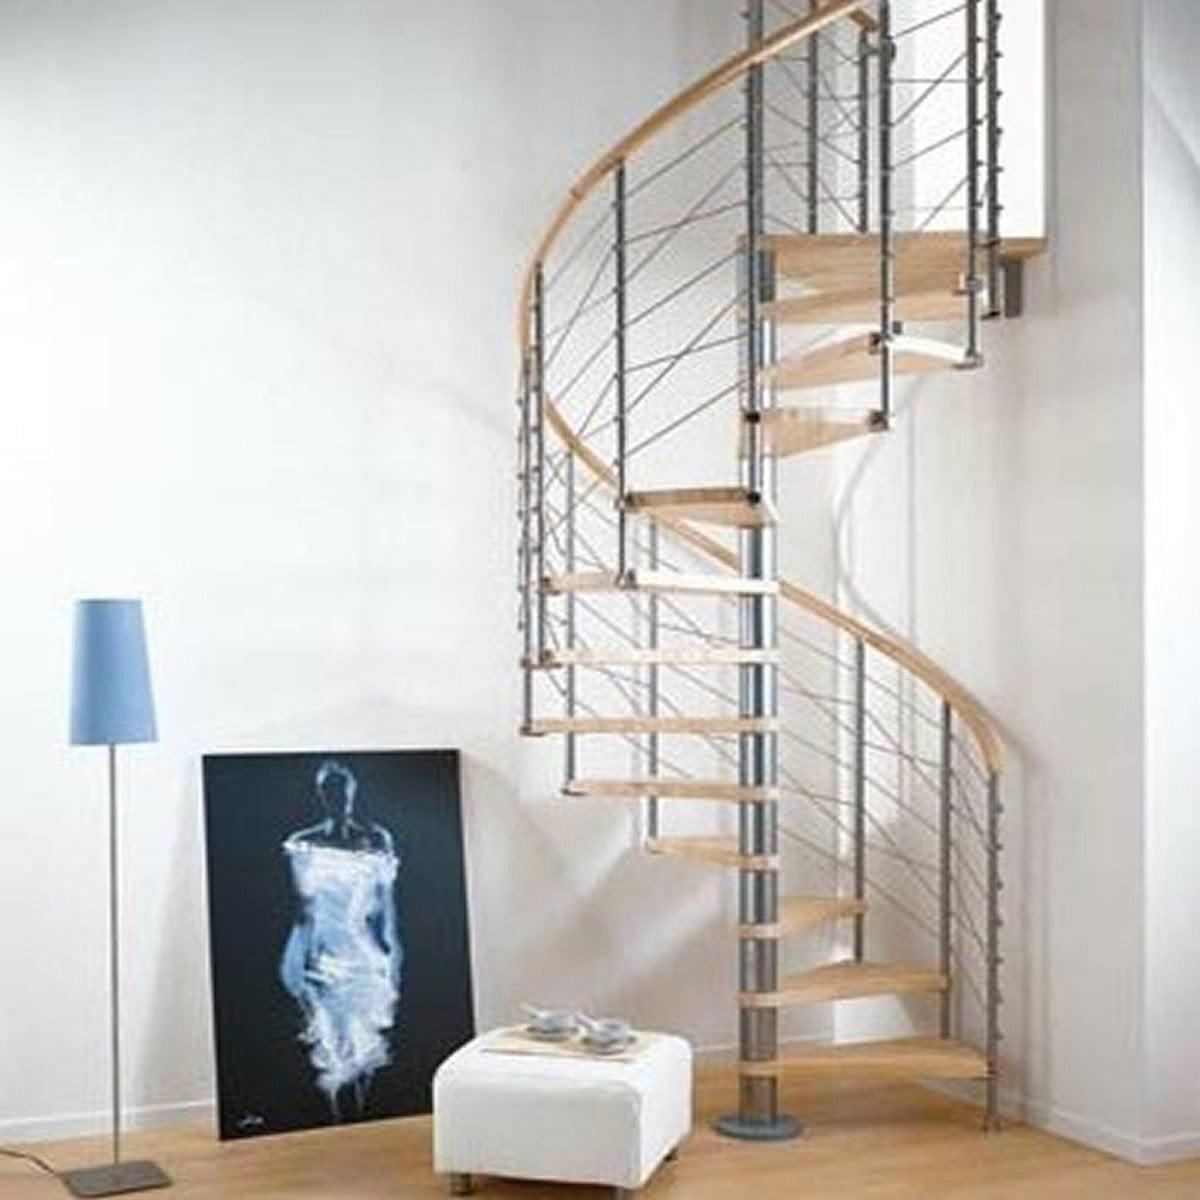 Escalier colima on rond ring structure m tal marche bois leroy merlin - Poser un escalier en colimacon ...